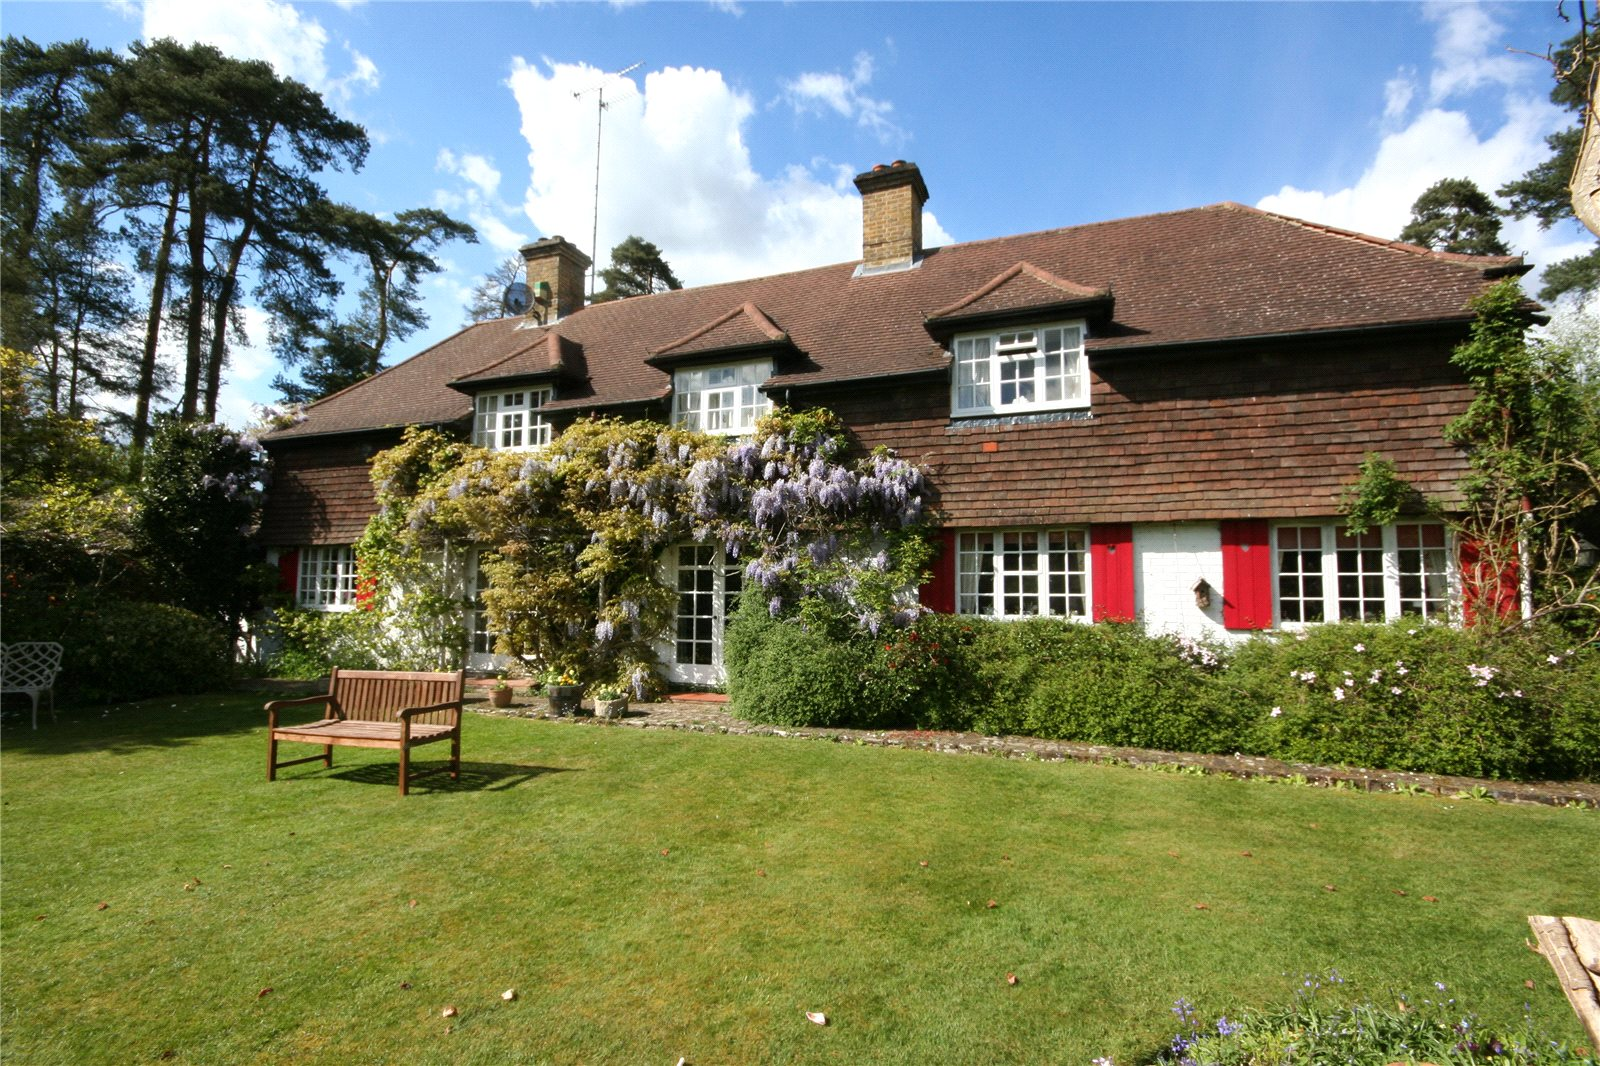 獨棟家庭住宅 為 出售 在 Stoke Common Road, Fulmer, Buckinghamshire, SL3 Fulmer, 英格蘭